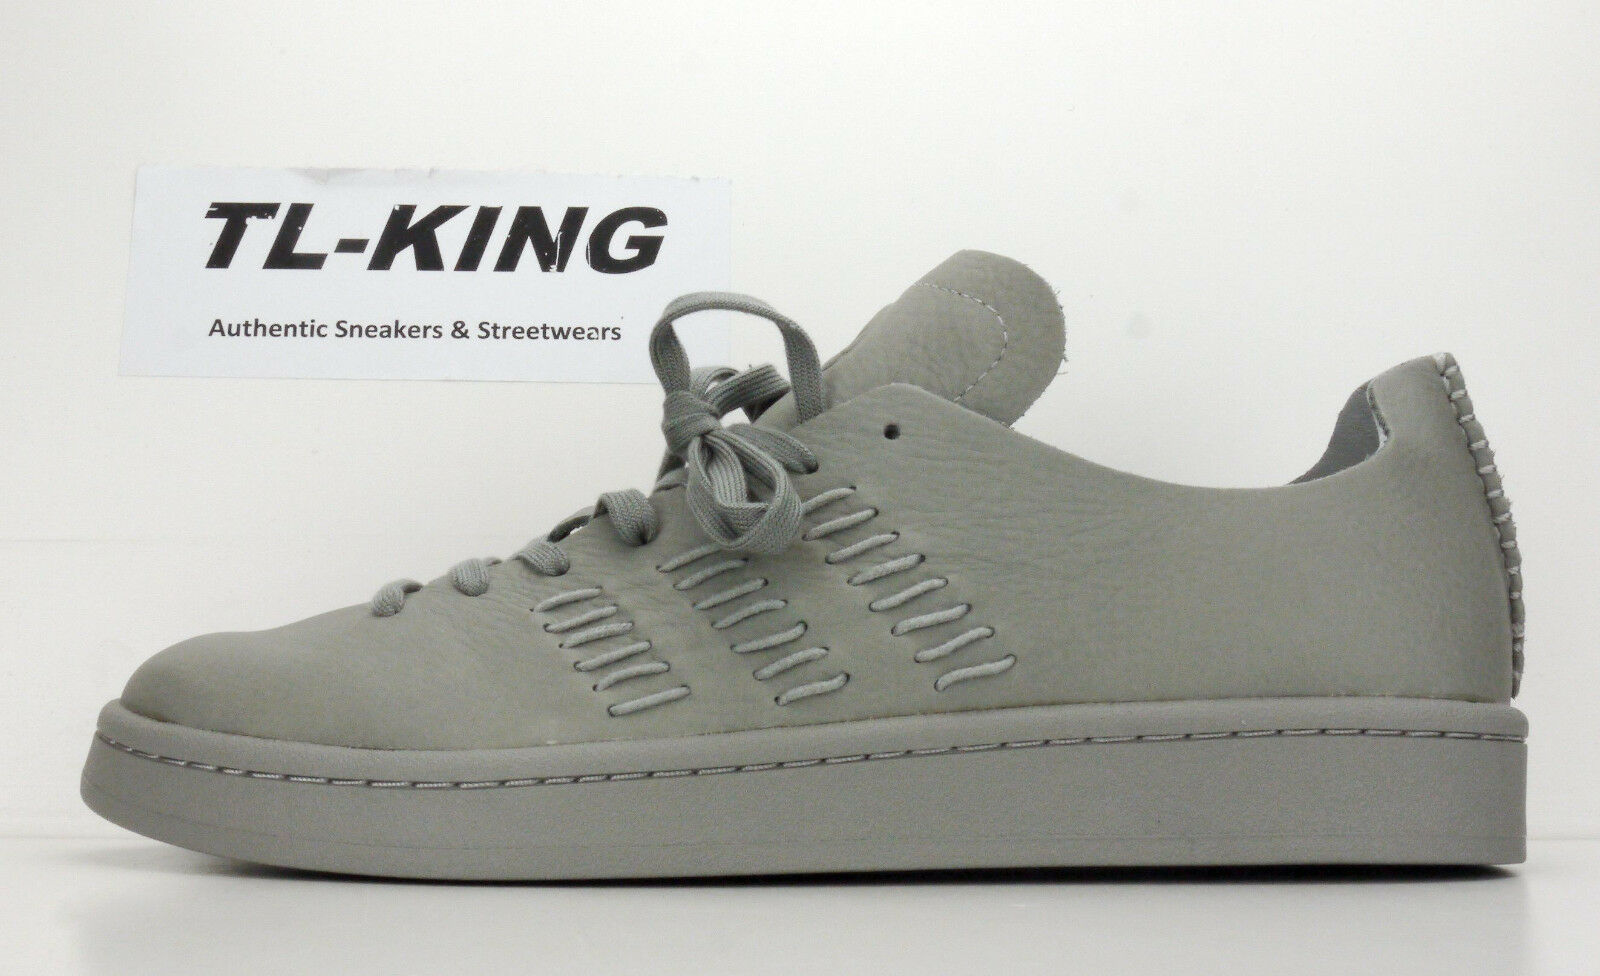 Adidas originali ali + scisto corna - campus di scisto + gray mono bb3116 msrp 150 gx 62627e